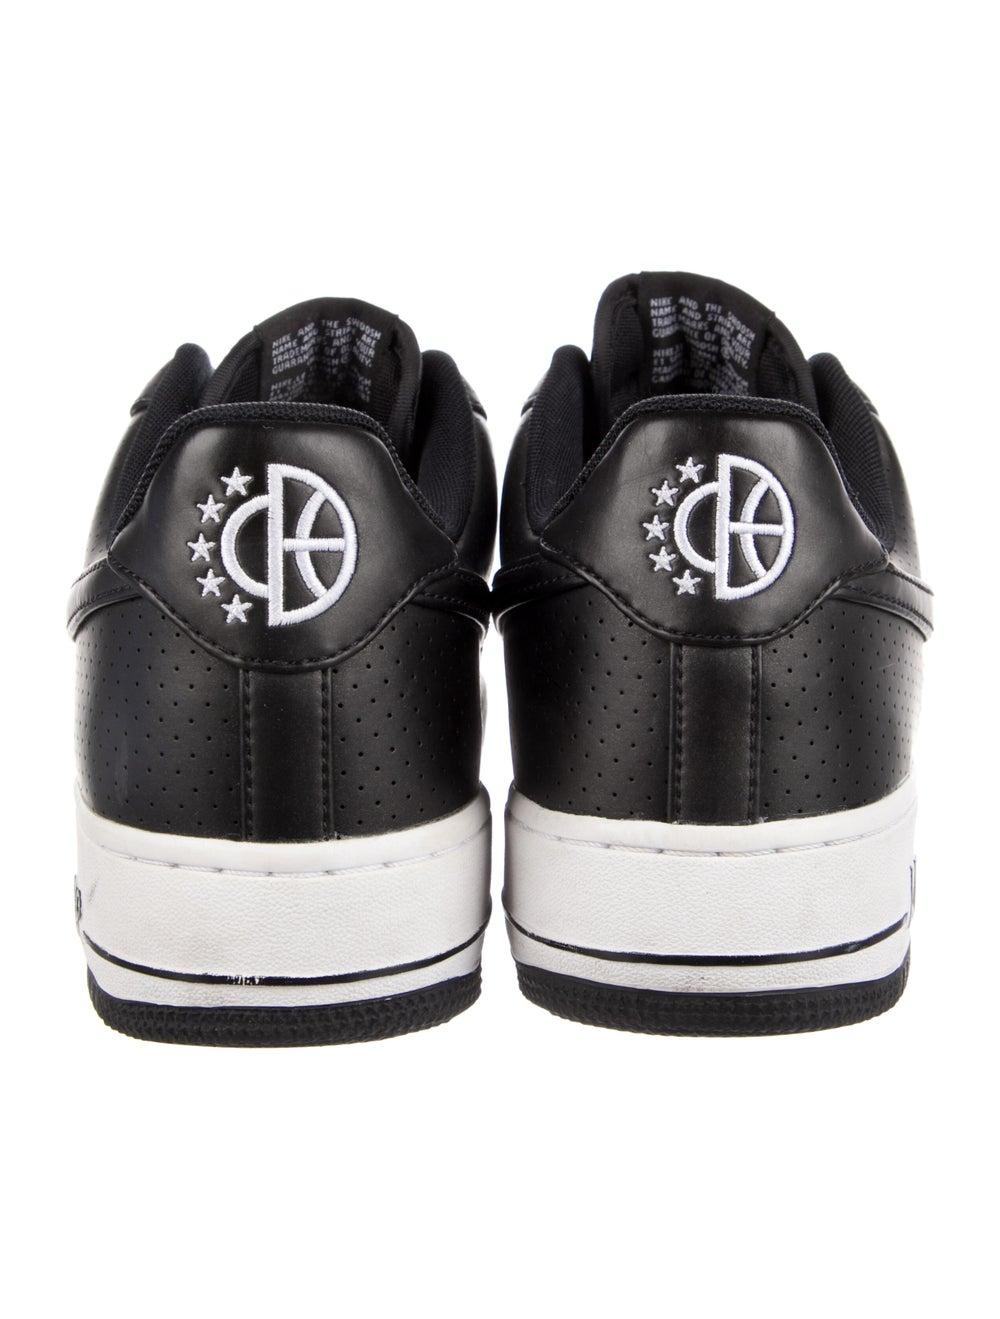 Nike Air Force 1 Low Premium Sneakers Black - image 4